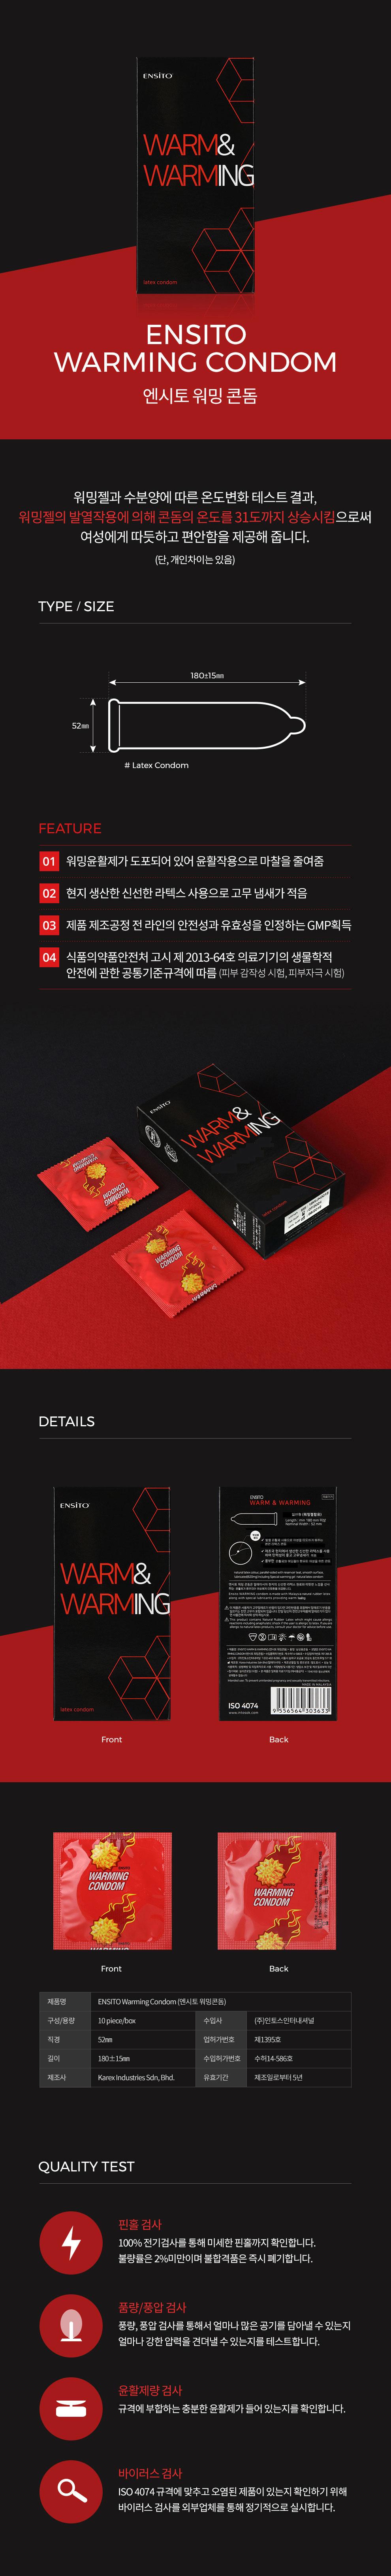 [엔시토] 워밍 콘돔 (ENSITO WARMING CONDOM)